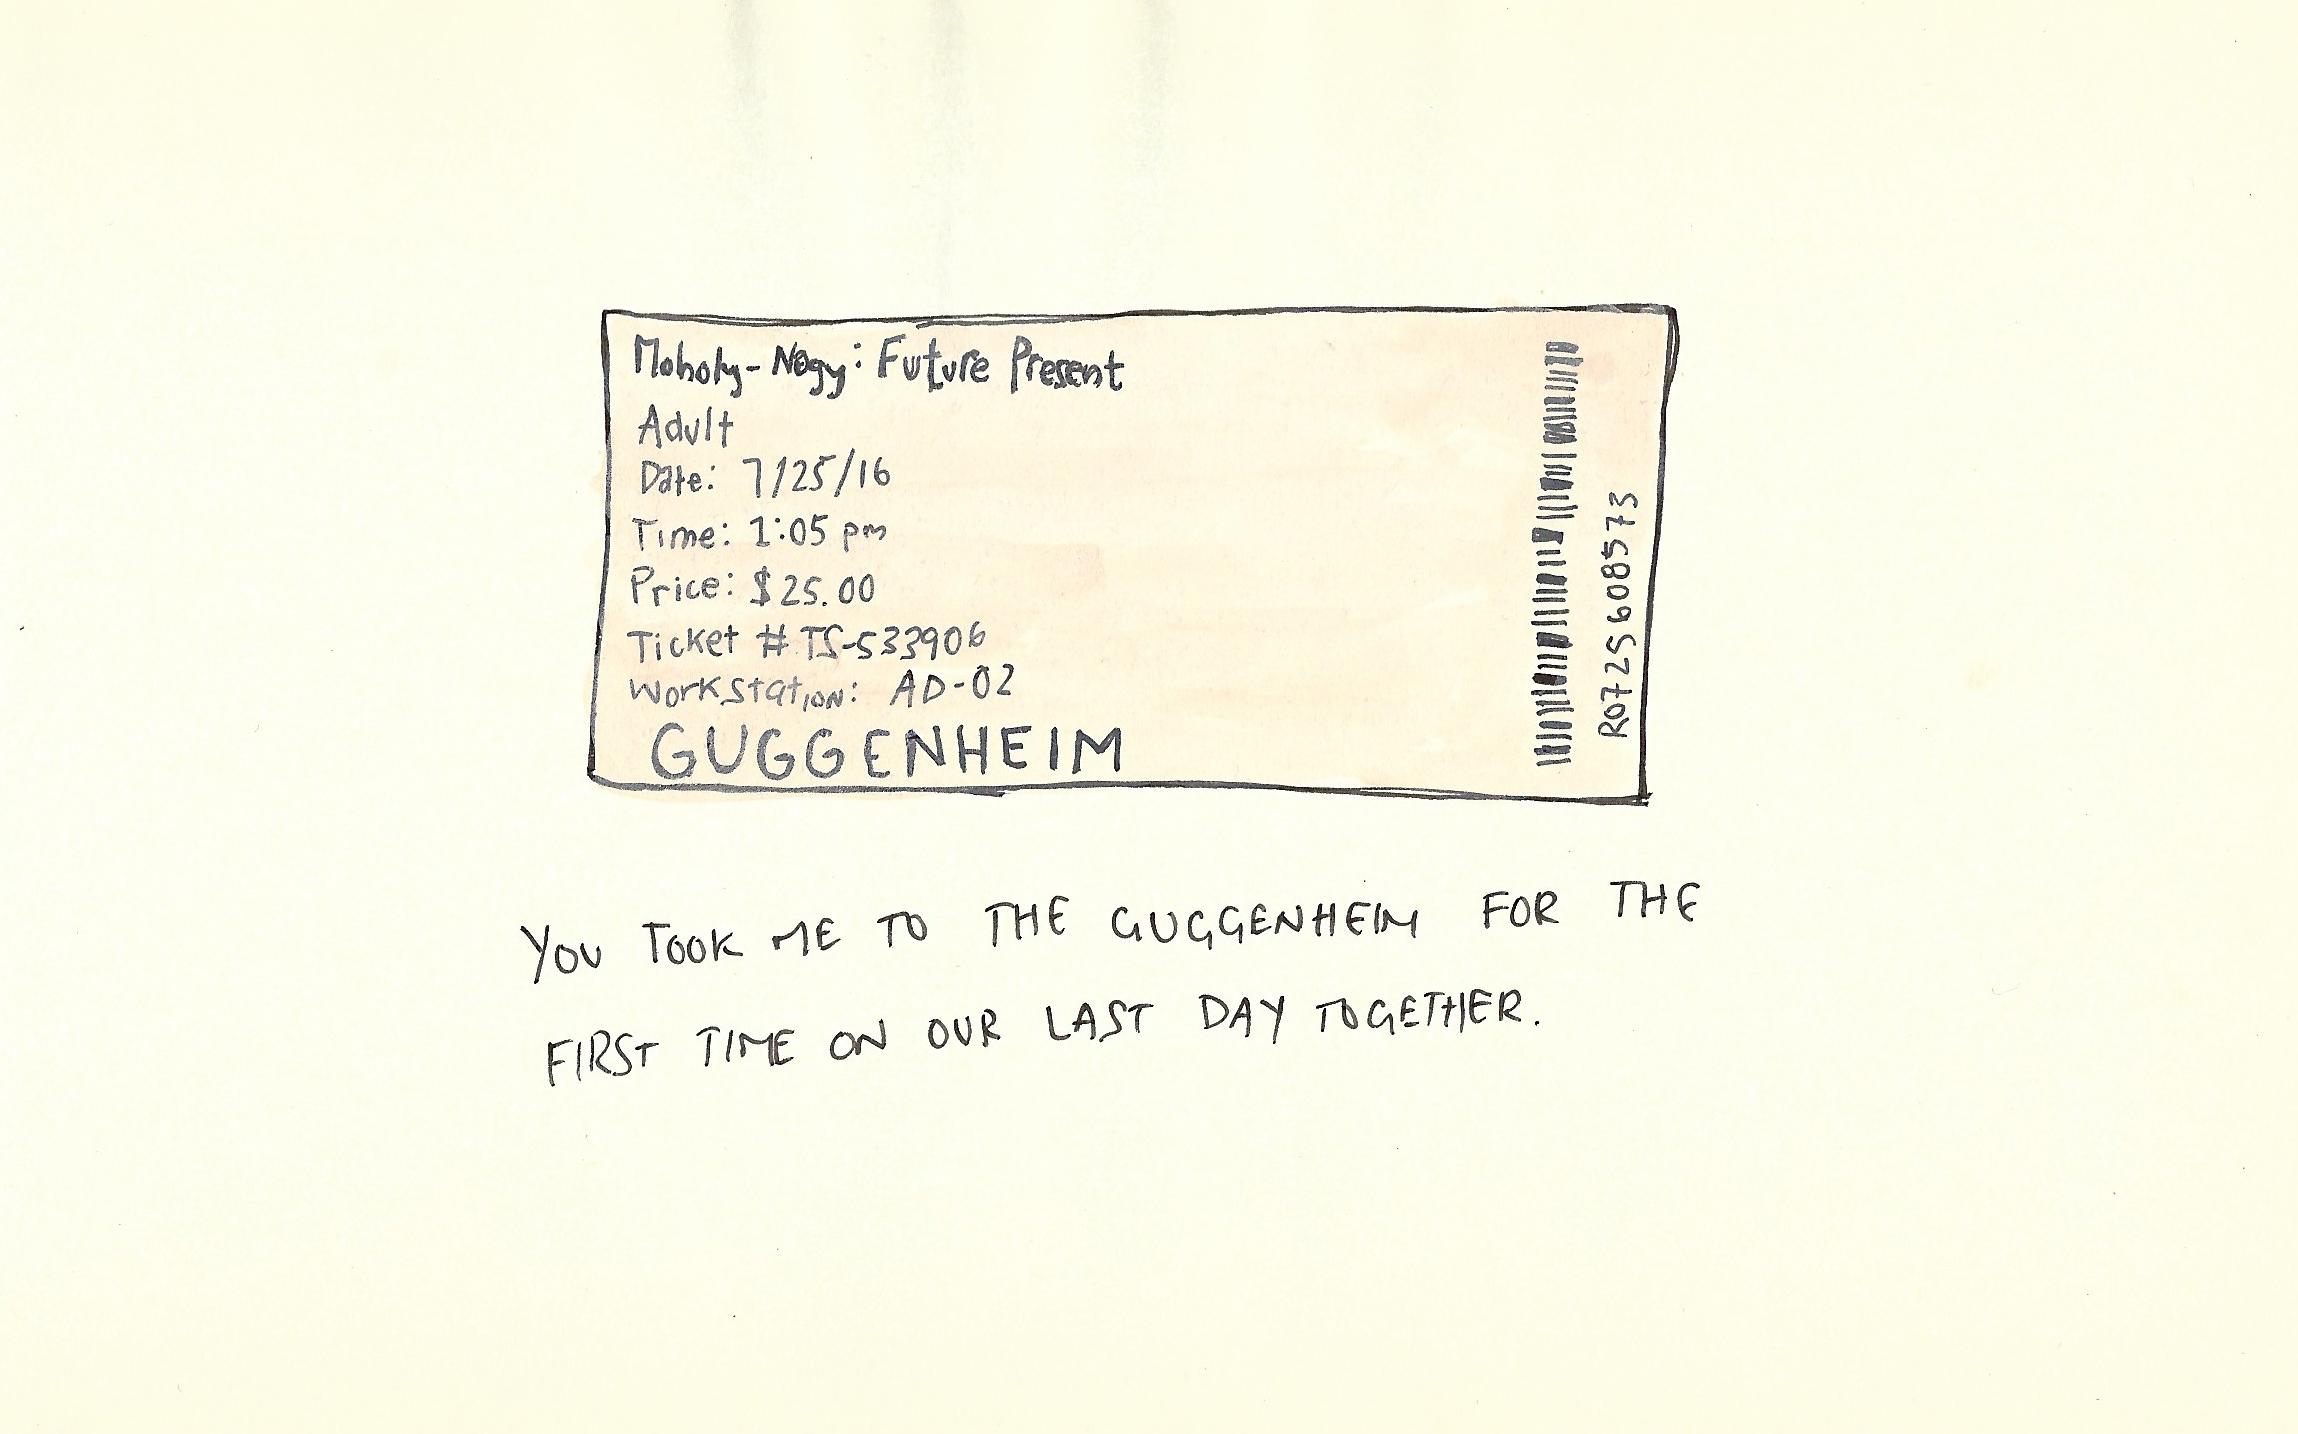 09 Guggenheim.jpeg